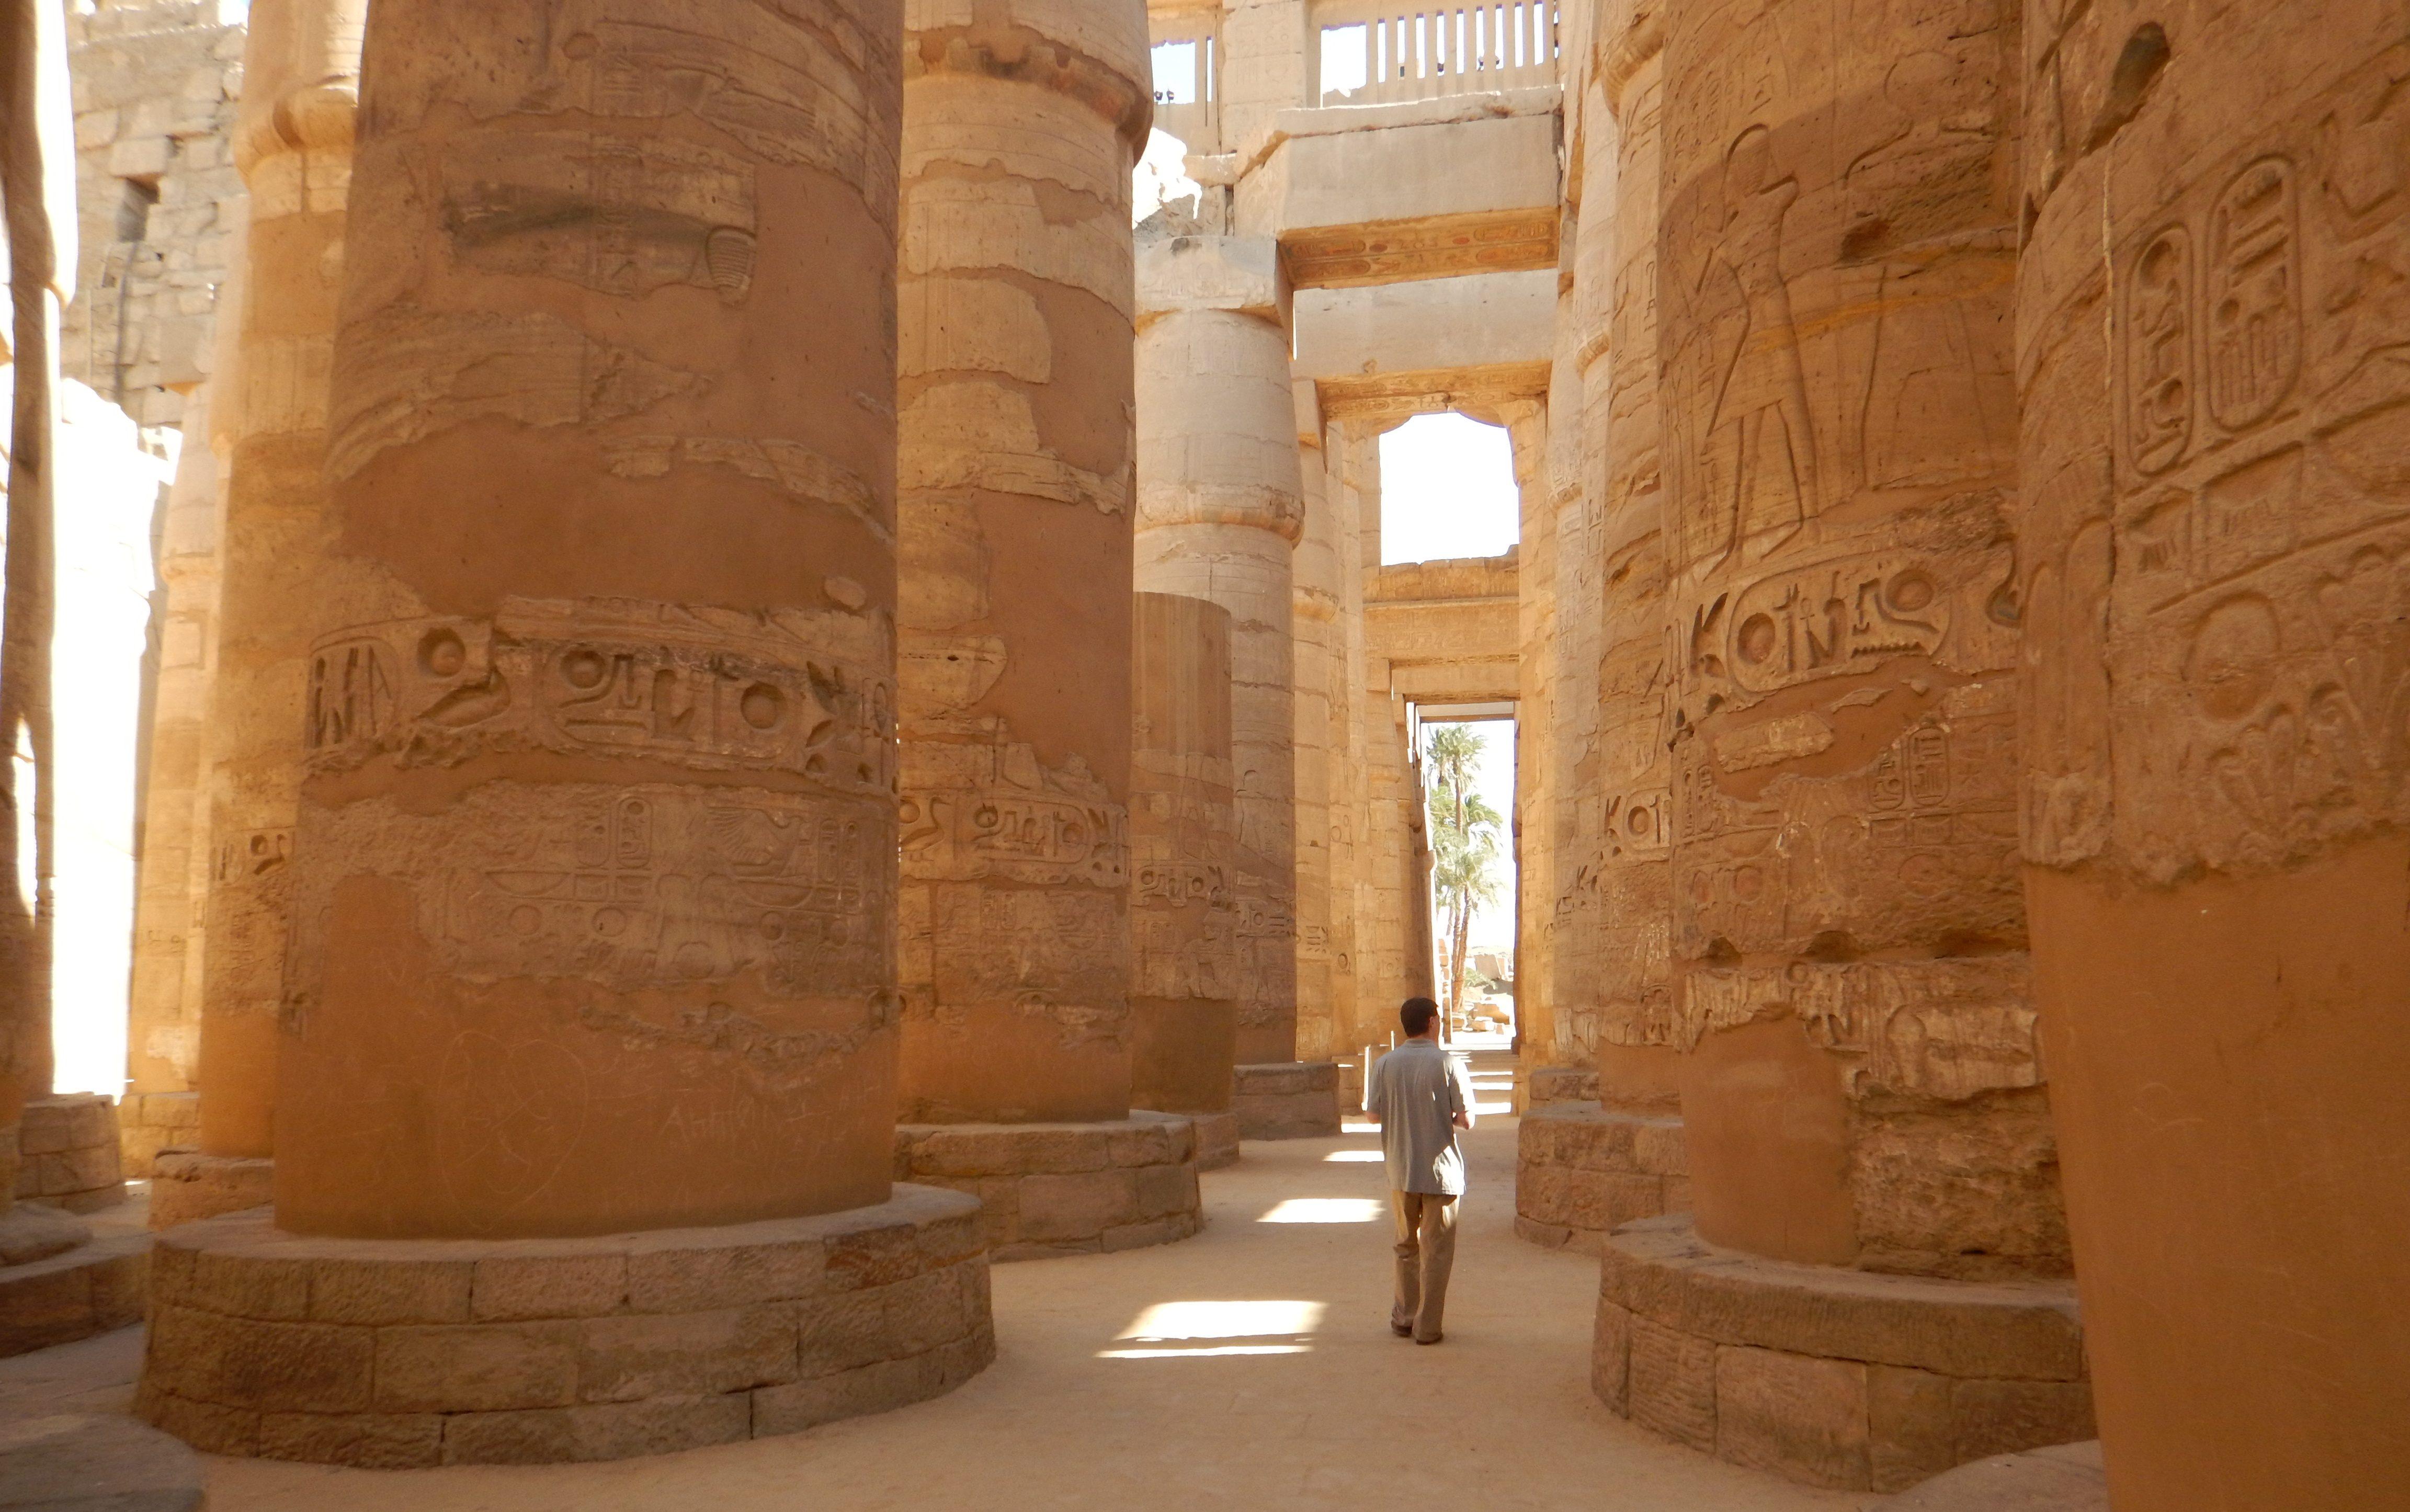 Karnak columns Egypt Luxor